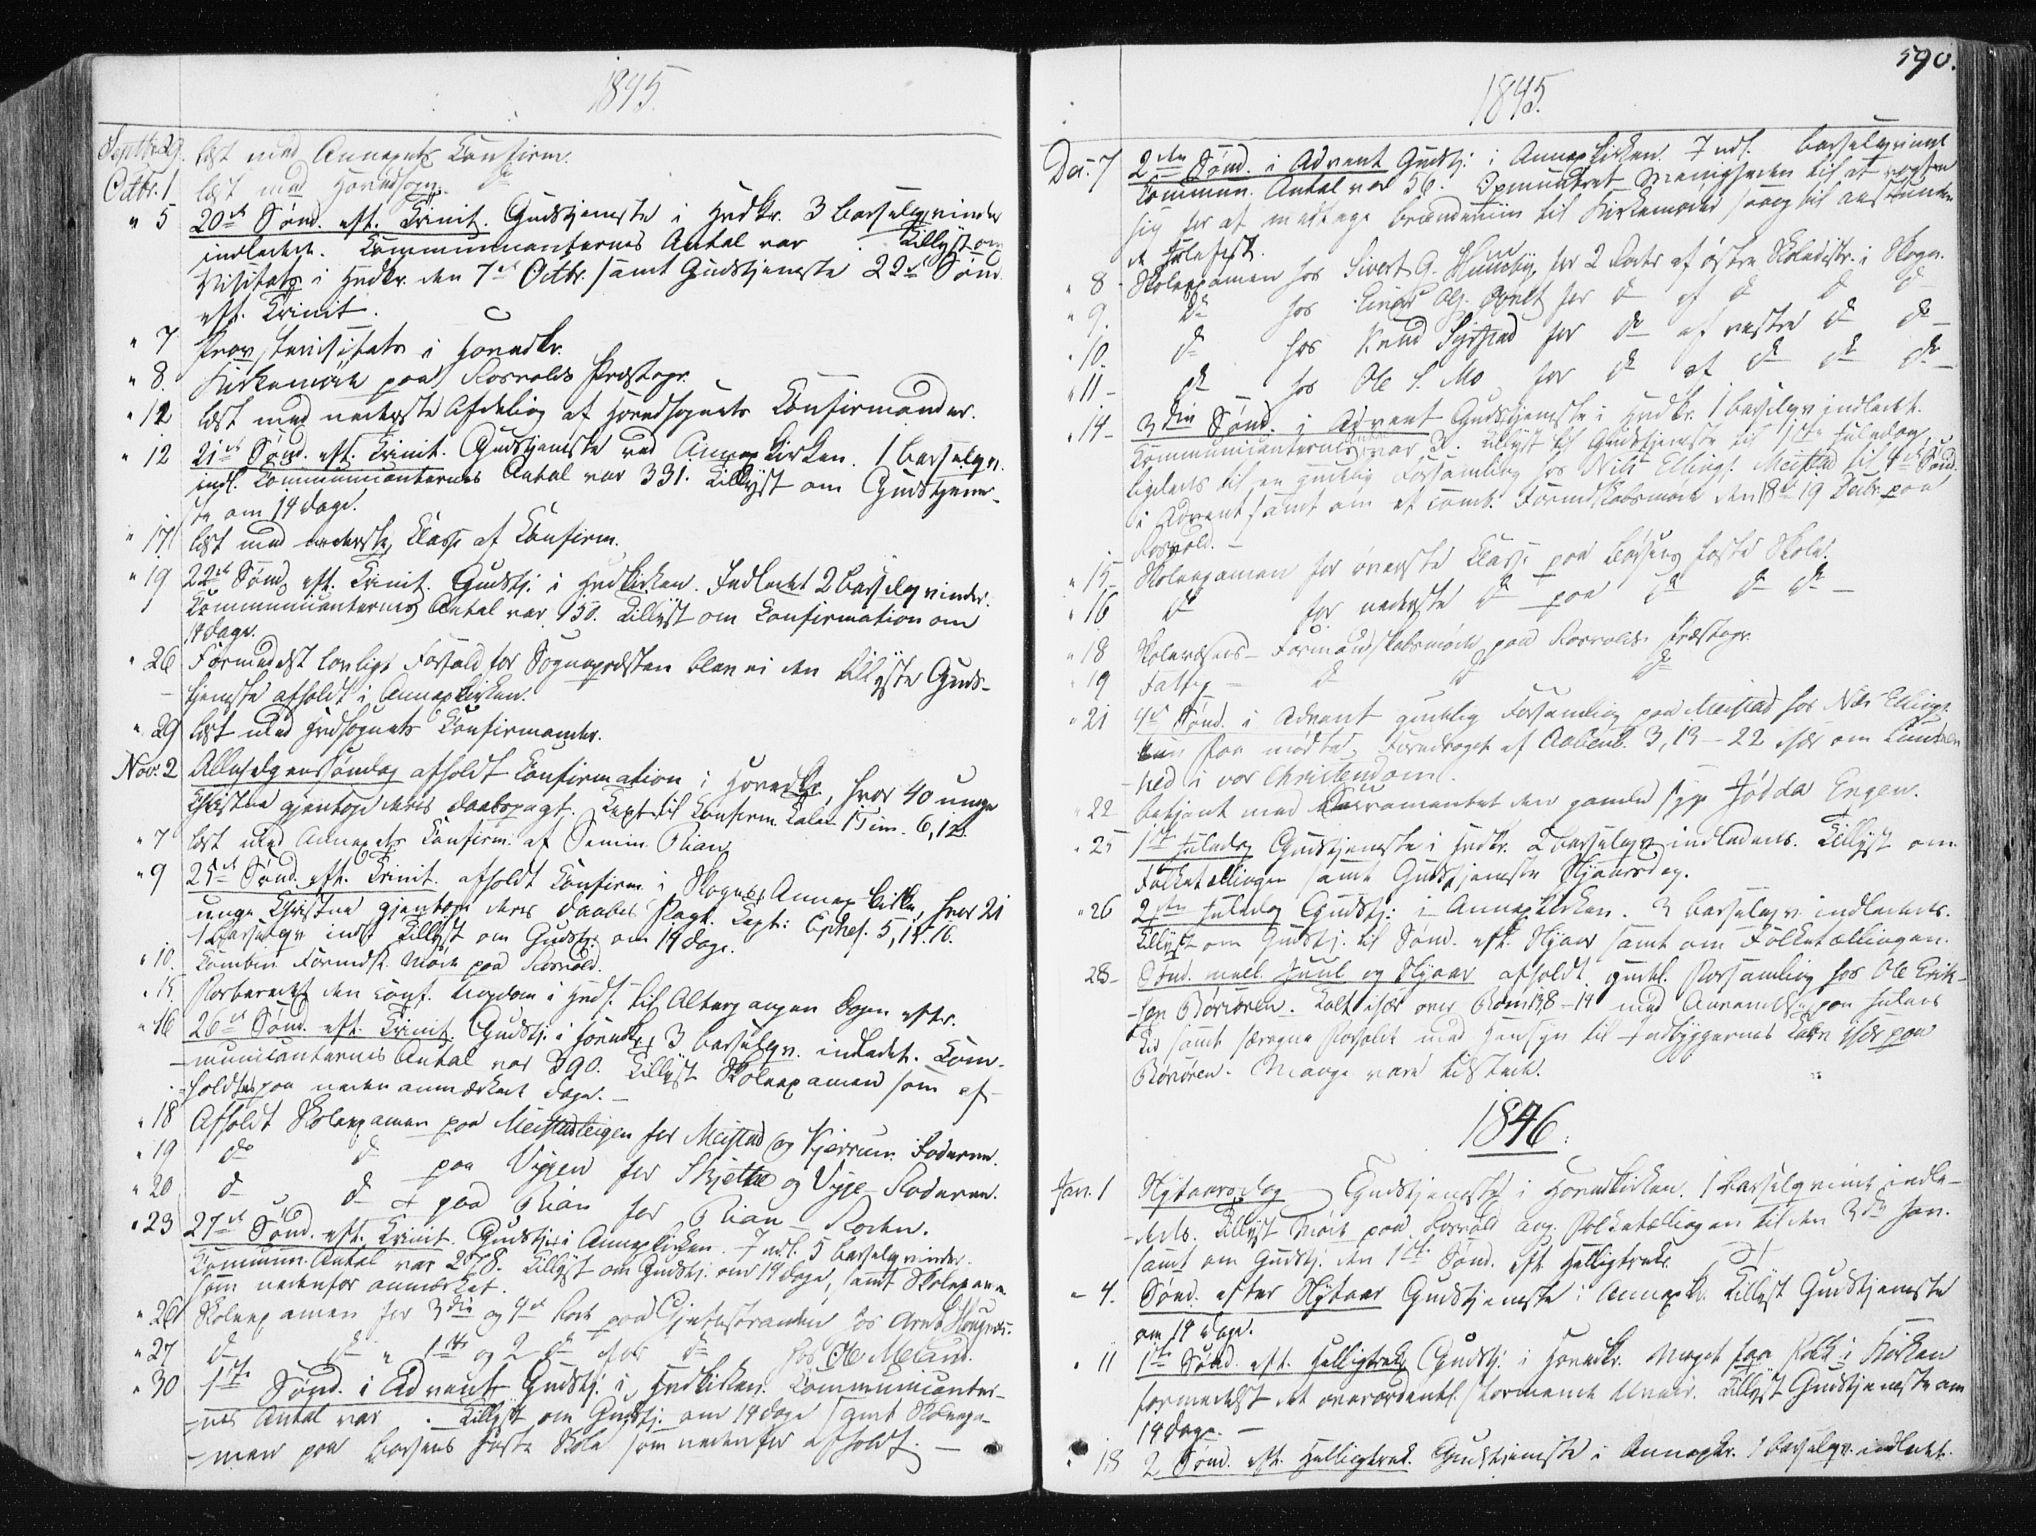 SAT, Ministerialprotokoller, klokkerbøker og fødselsregistre - Sør-Trøndelag, 665/L0771: Ministerialbok nr. 665A06, 1830-1856, s. 590